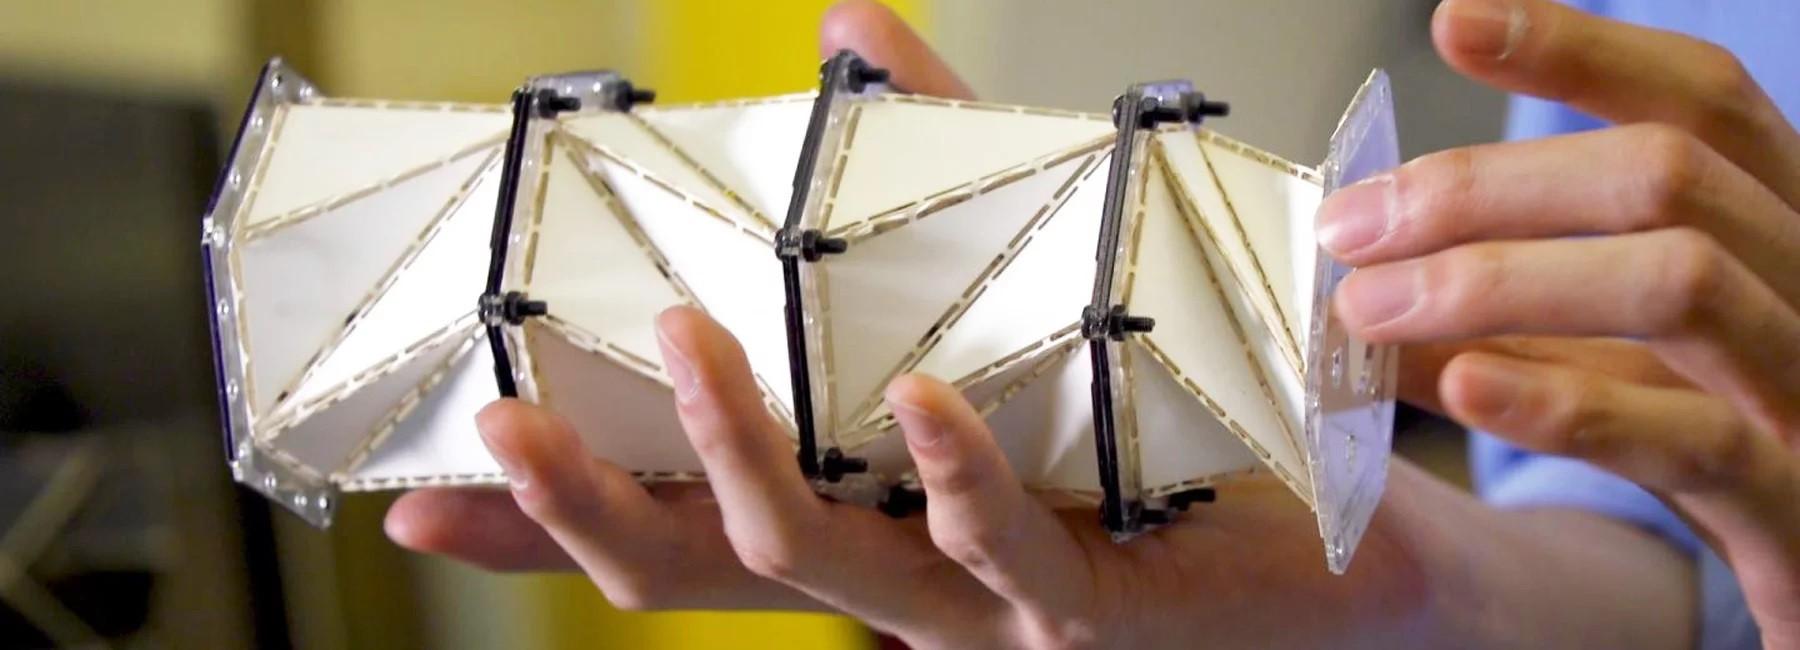 Pesquisadores criam material inspirado em origami capaz de amortecer super impactos (Foto: Divulgação)